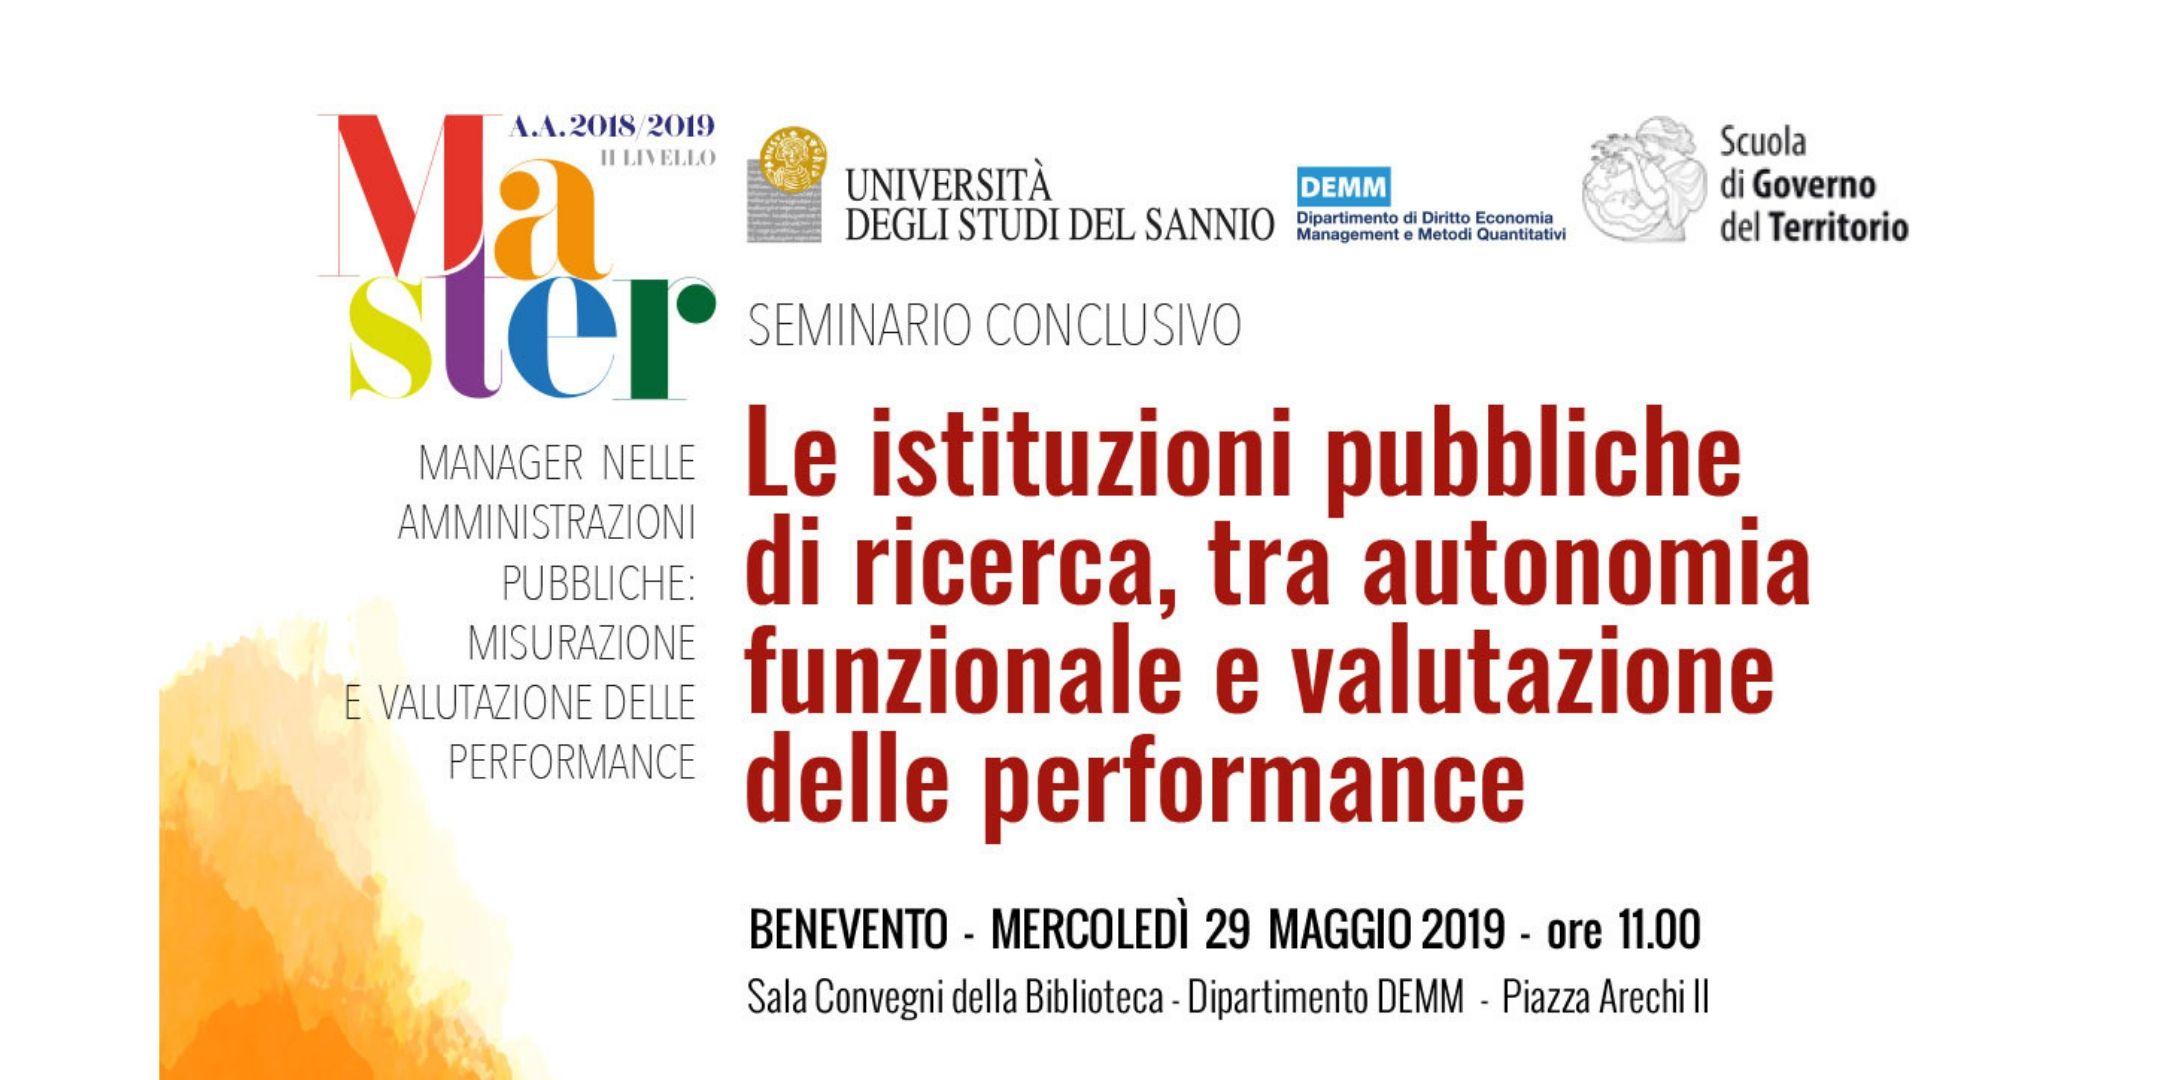 le-istituzioni-pubbliche-di-ricerca